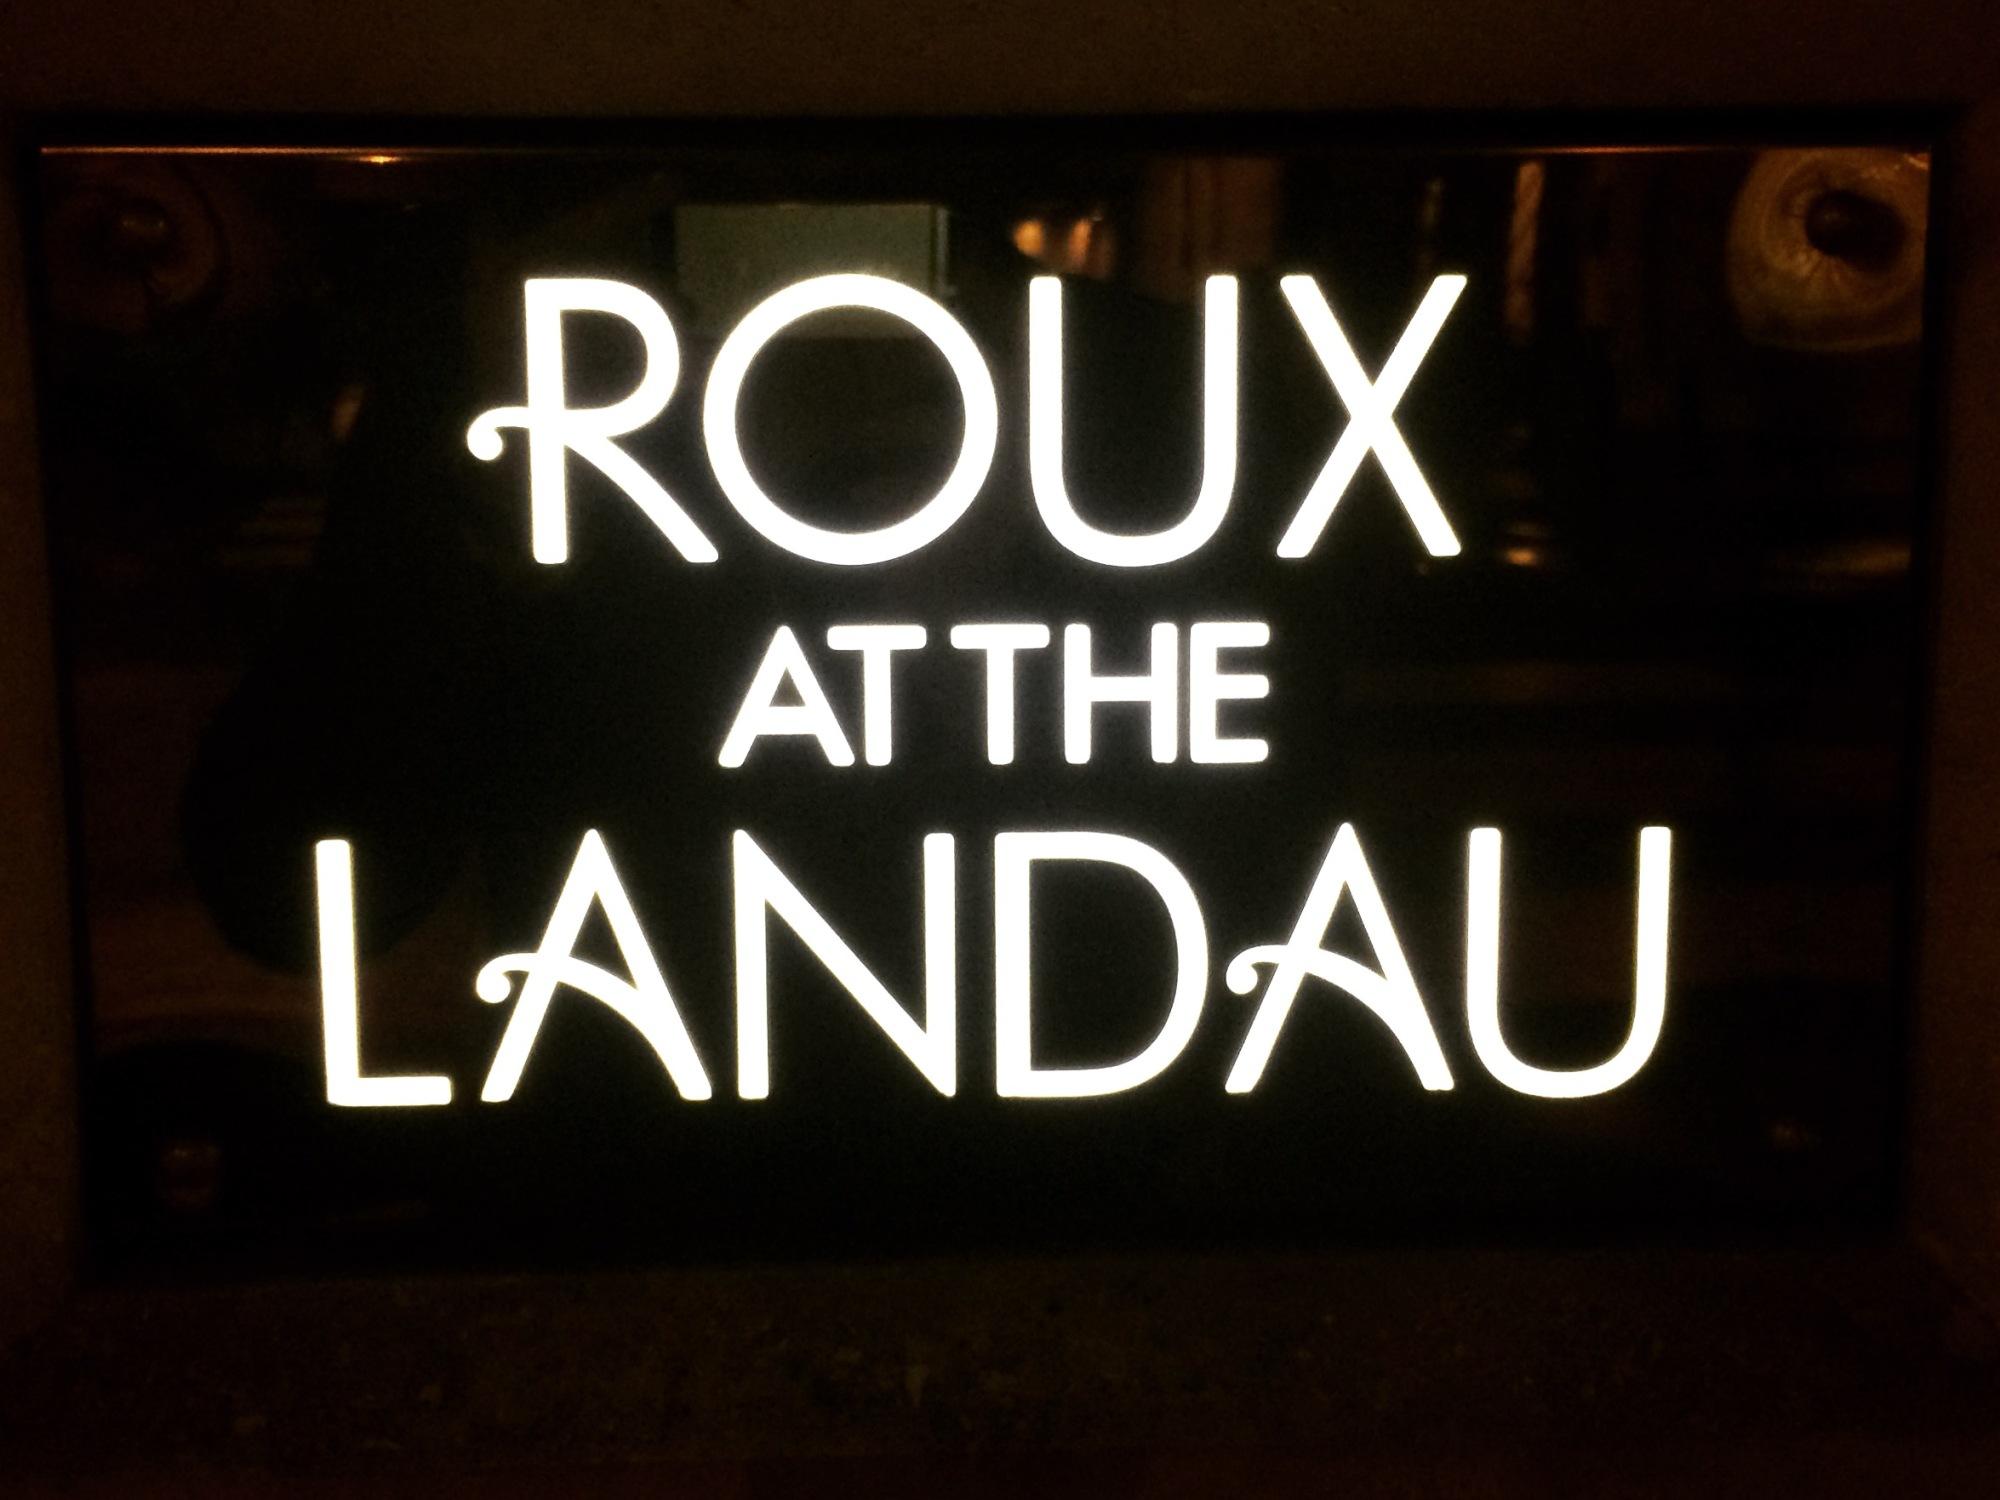 Roux at The Landau